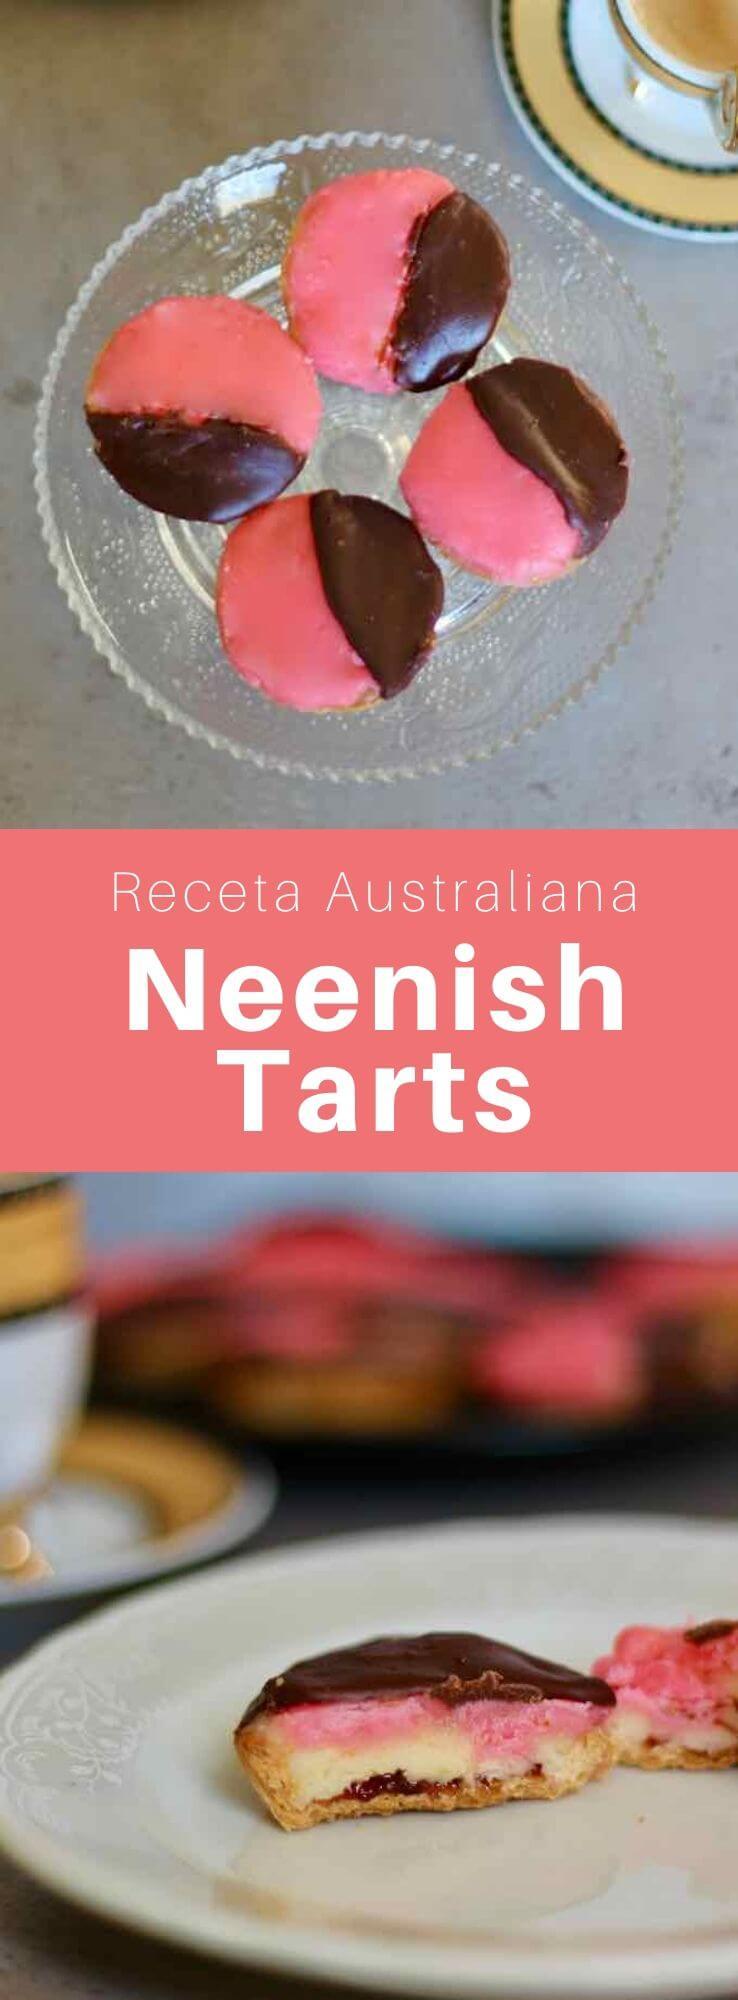 La neenish tart es una tartaleta hecha con un relleno de crema de gelatina y cubierta con un glaseado de dos colores que es popular en Australia y Nueva Zelanda.